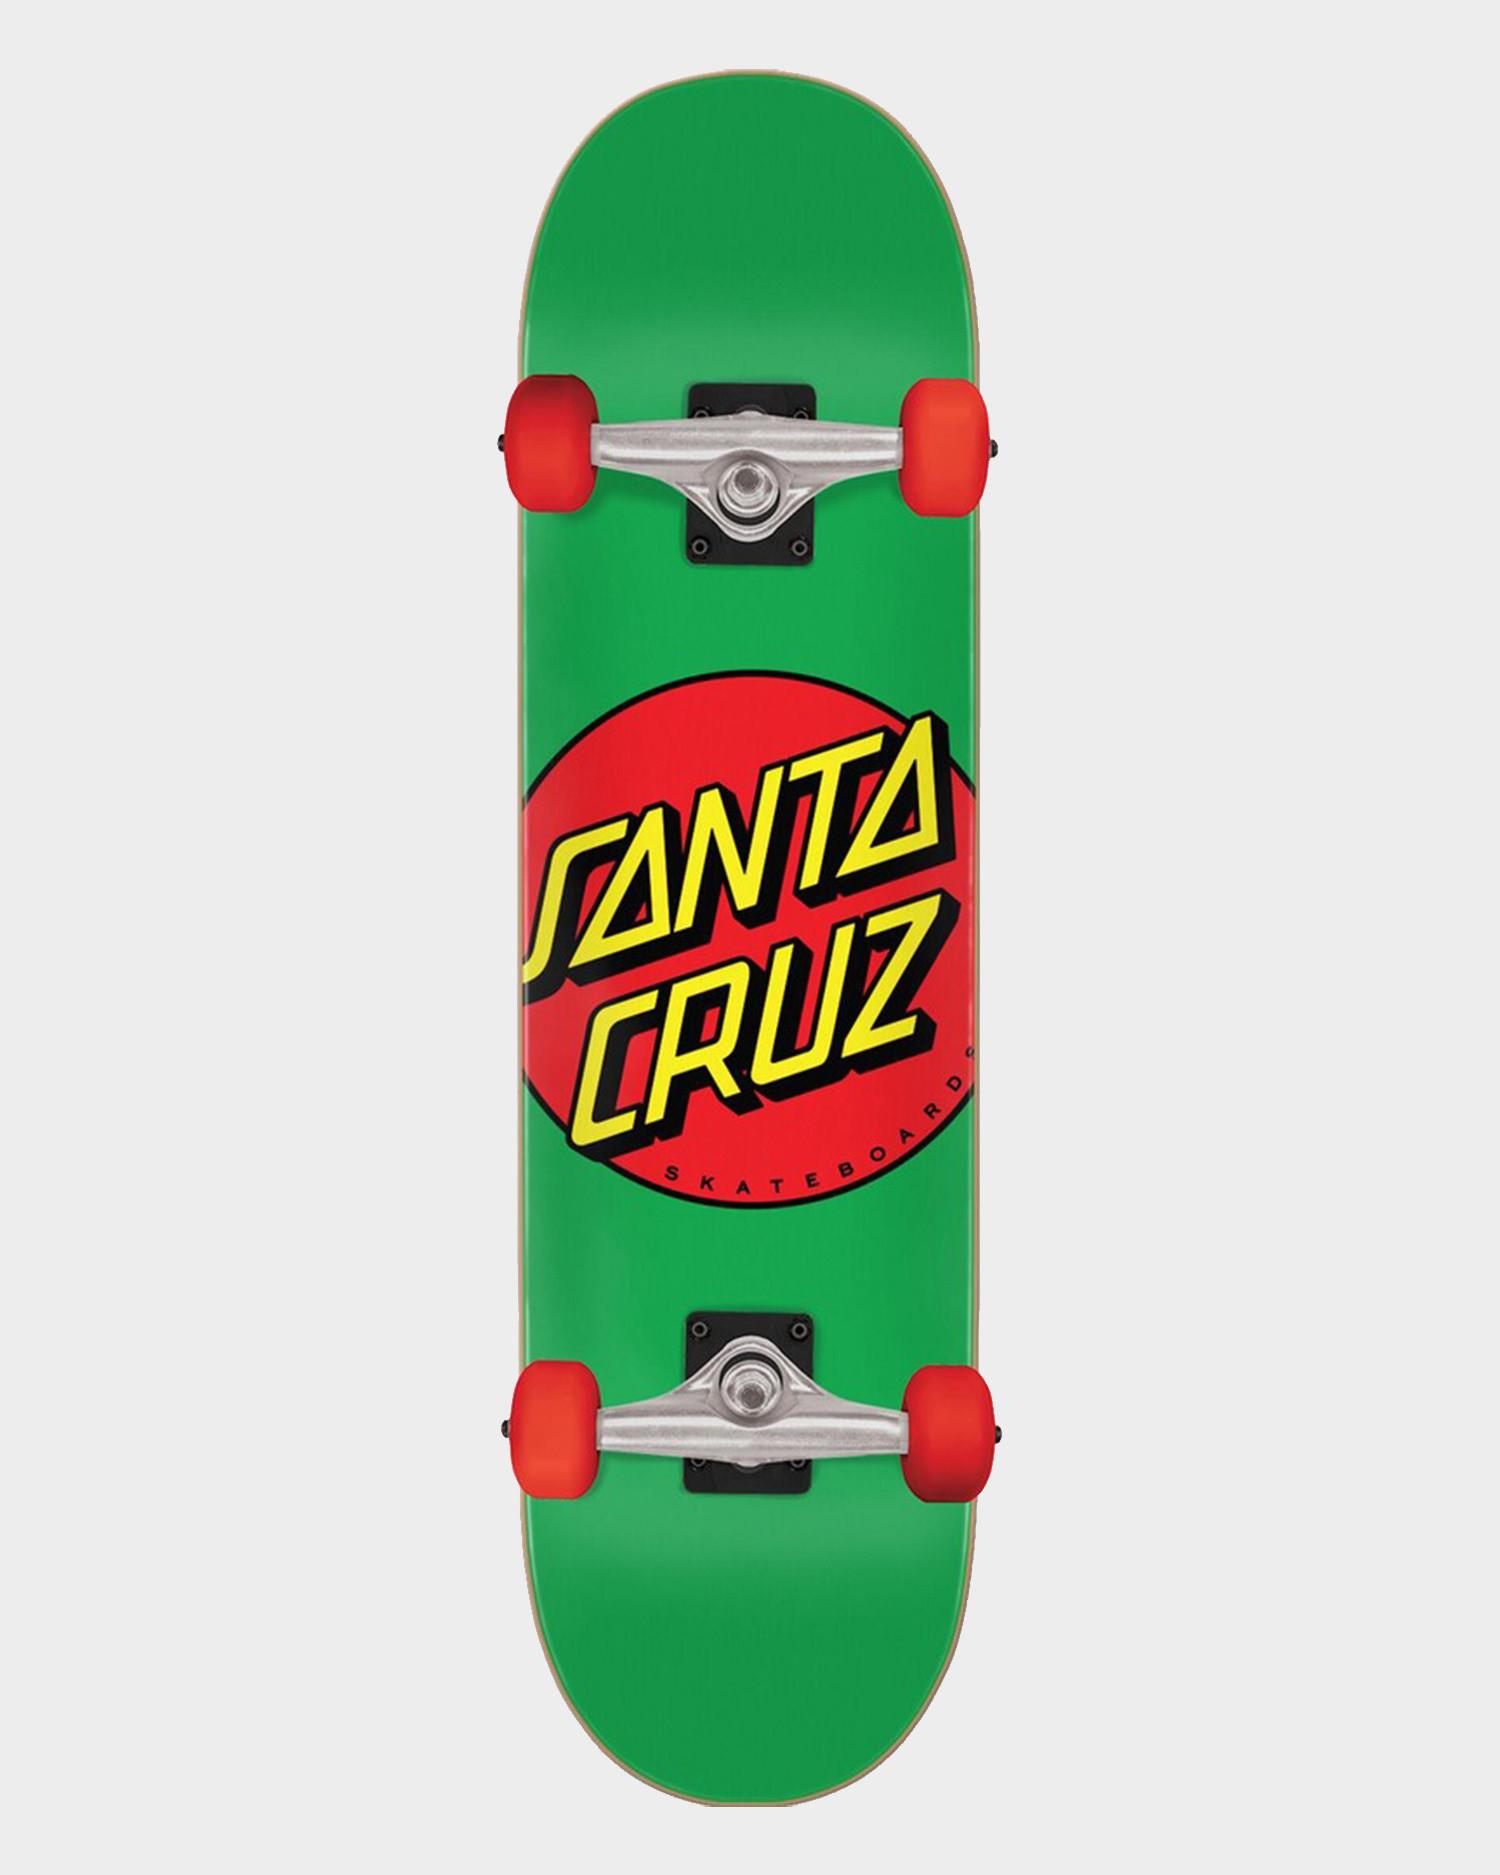 Santa Cruz Classic Dot Mid Complete Green 7.875